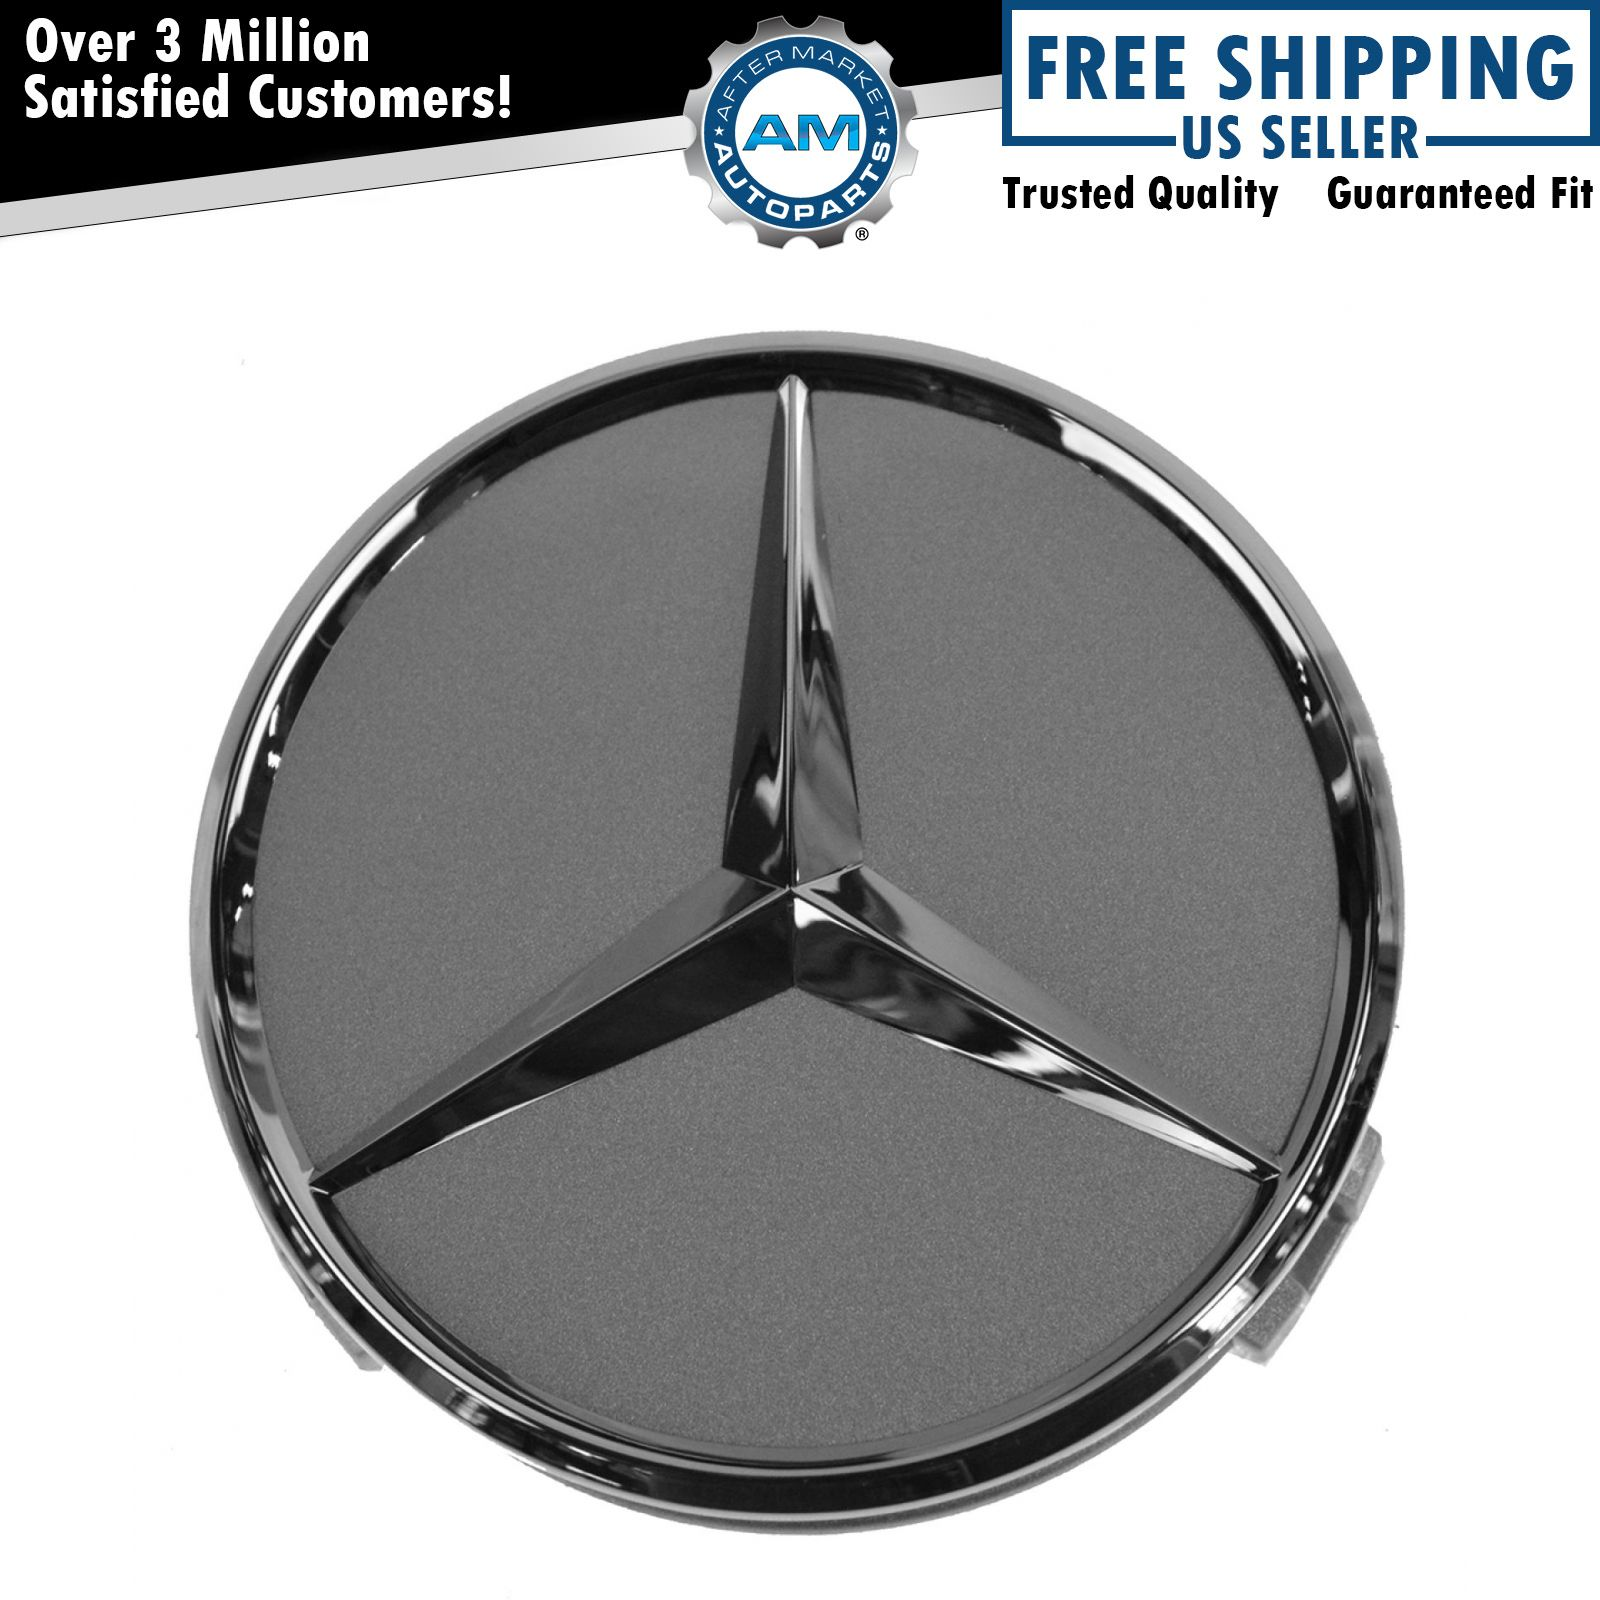 Oem wheel cap titanium chrome center for mercedes benz for Chrome mercedes benz